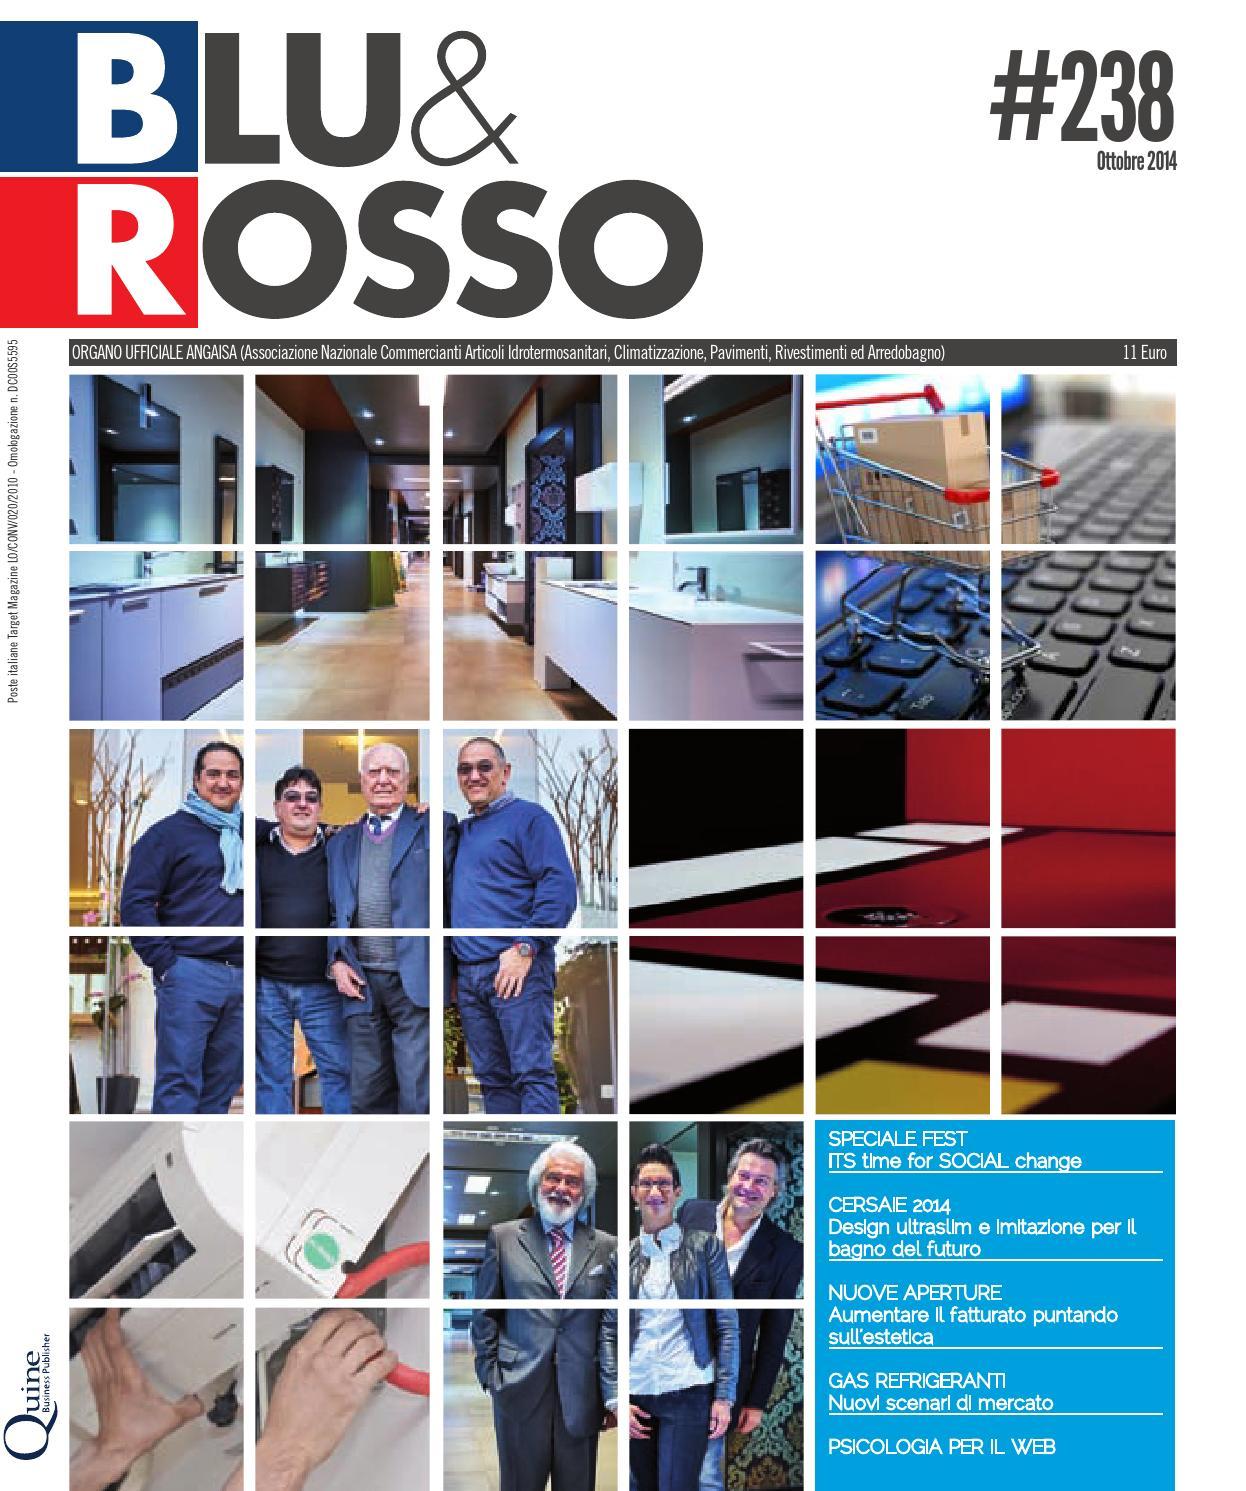 Idrogross Ceramiche Orari.Blu Rosso 238 Ottobre 2014 Mercato Tecnologie E